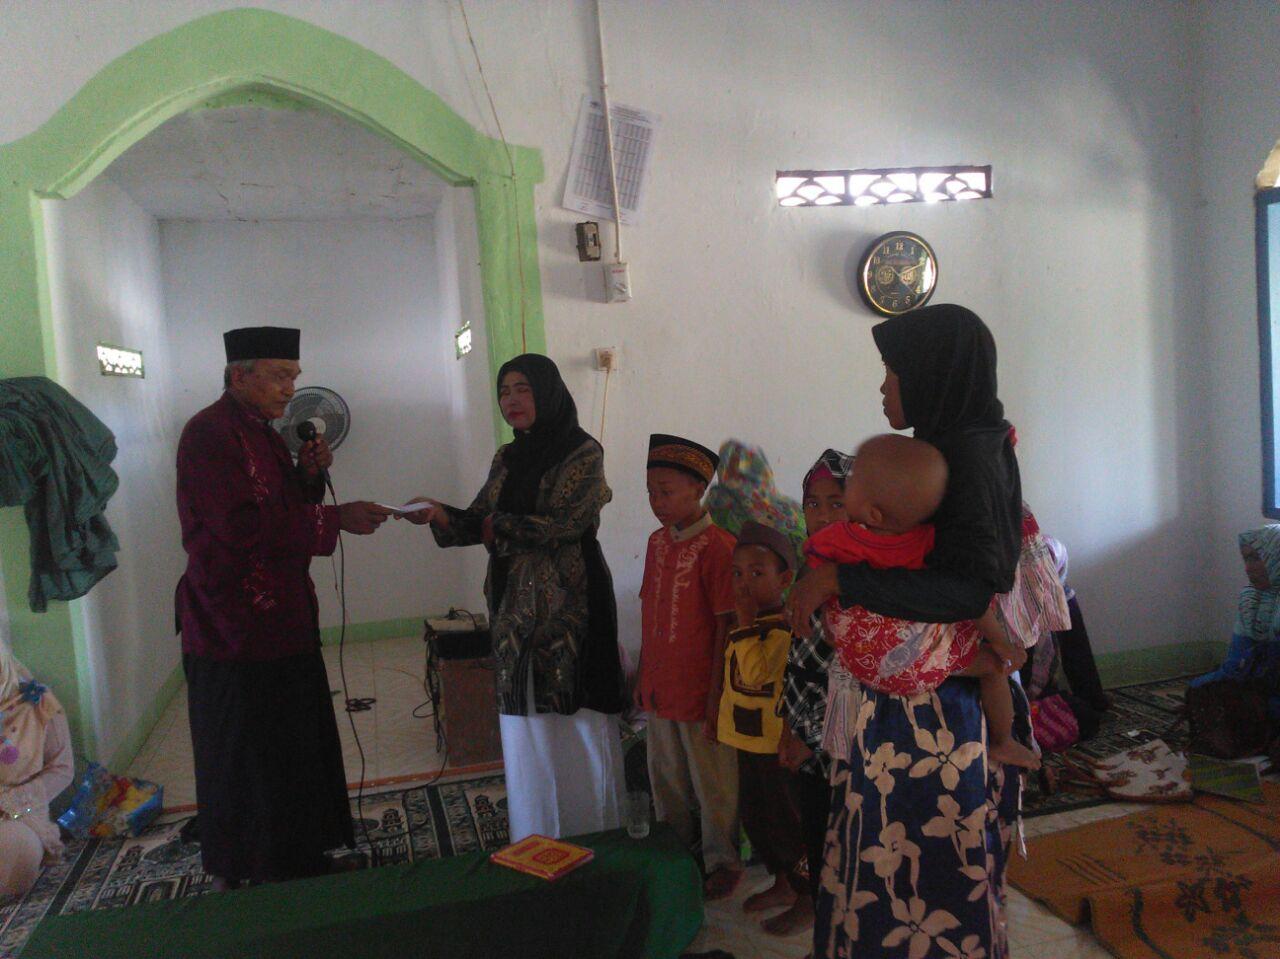 Pemuda Pemudi Lampung Santuni Anak Yatim di Lamtim, Bantuan dari Gubernur